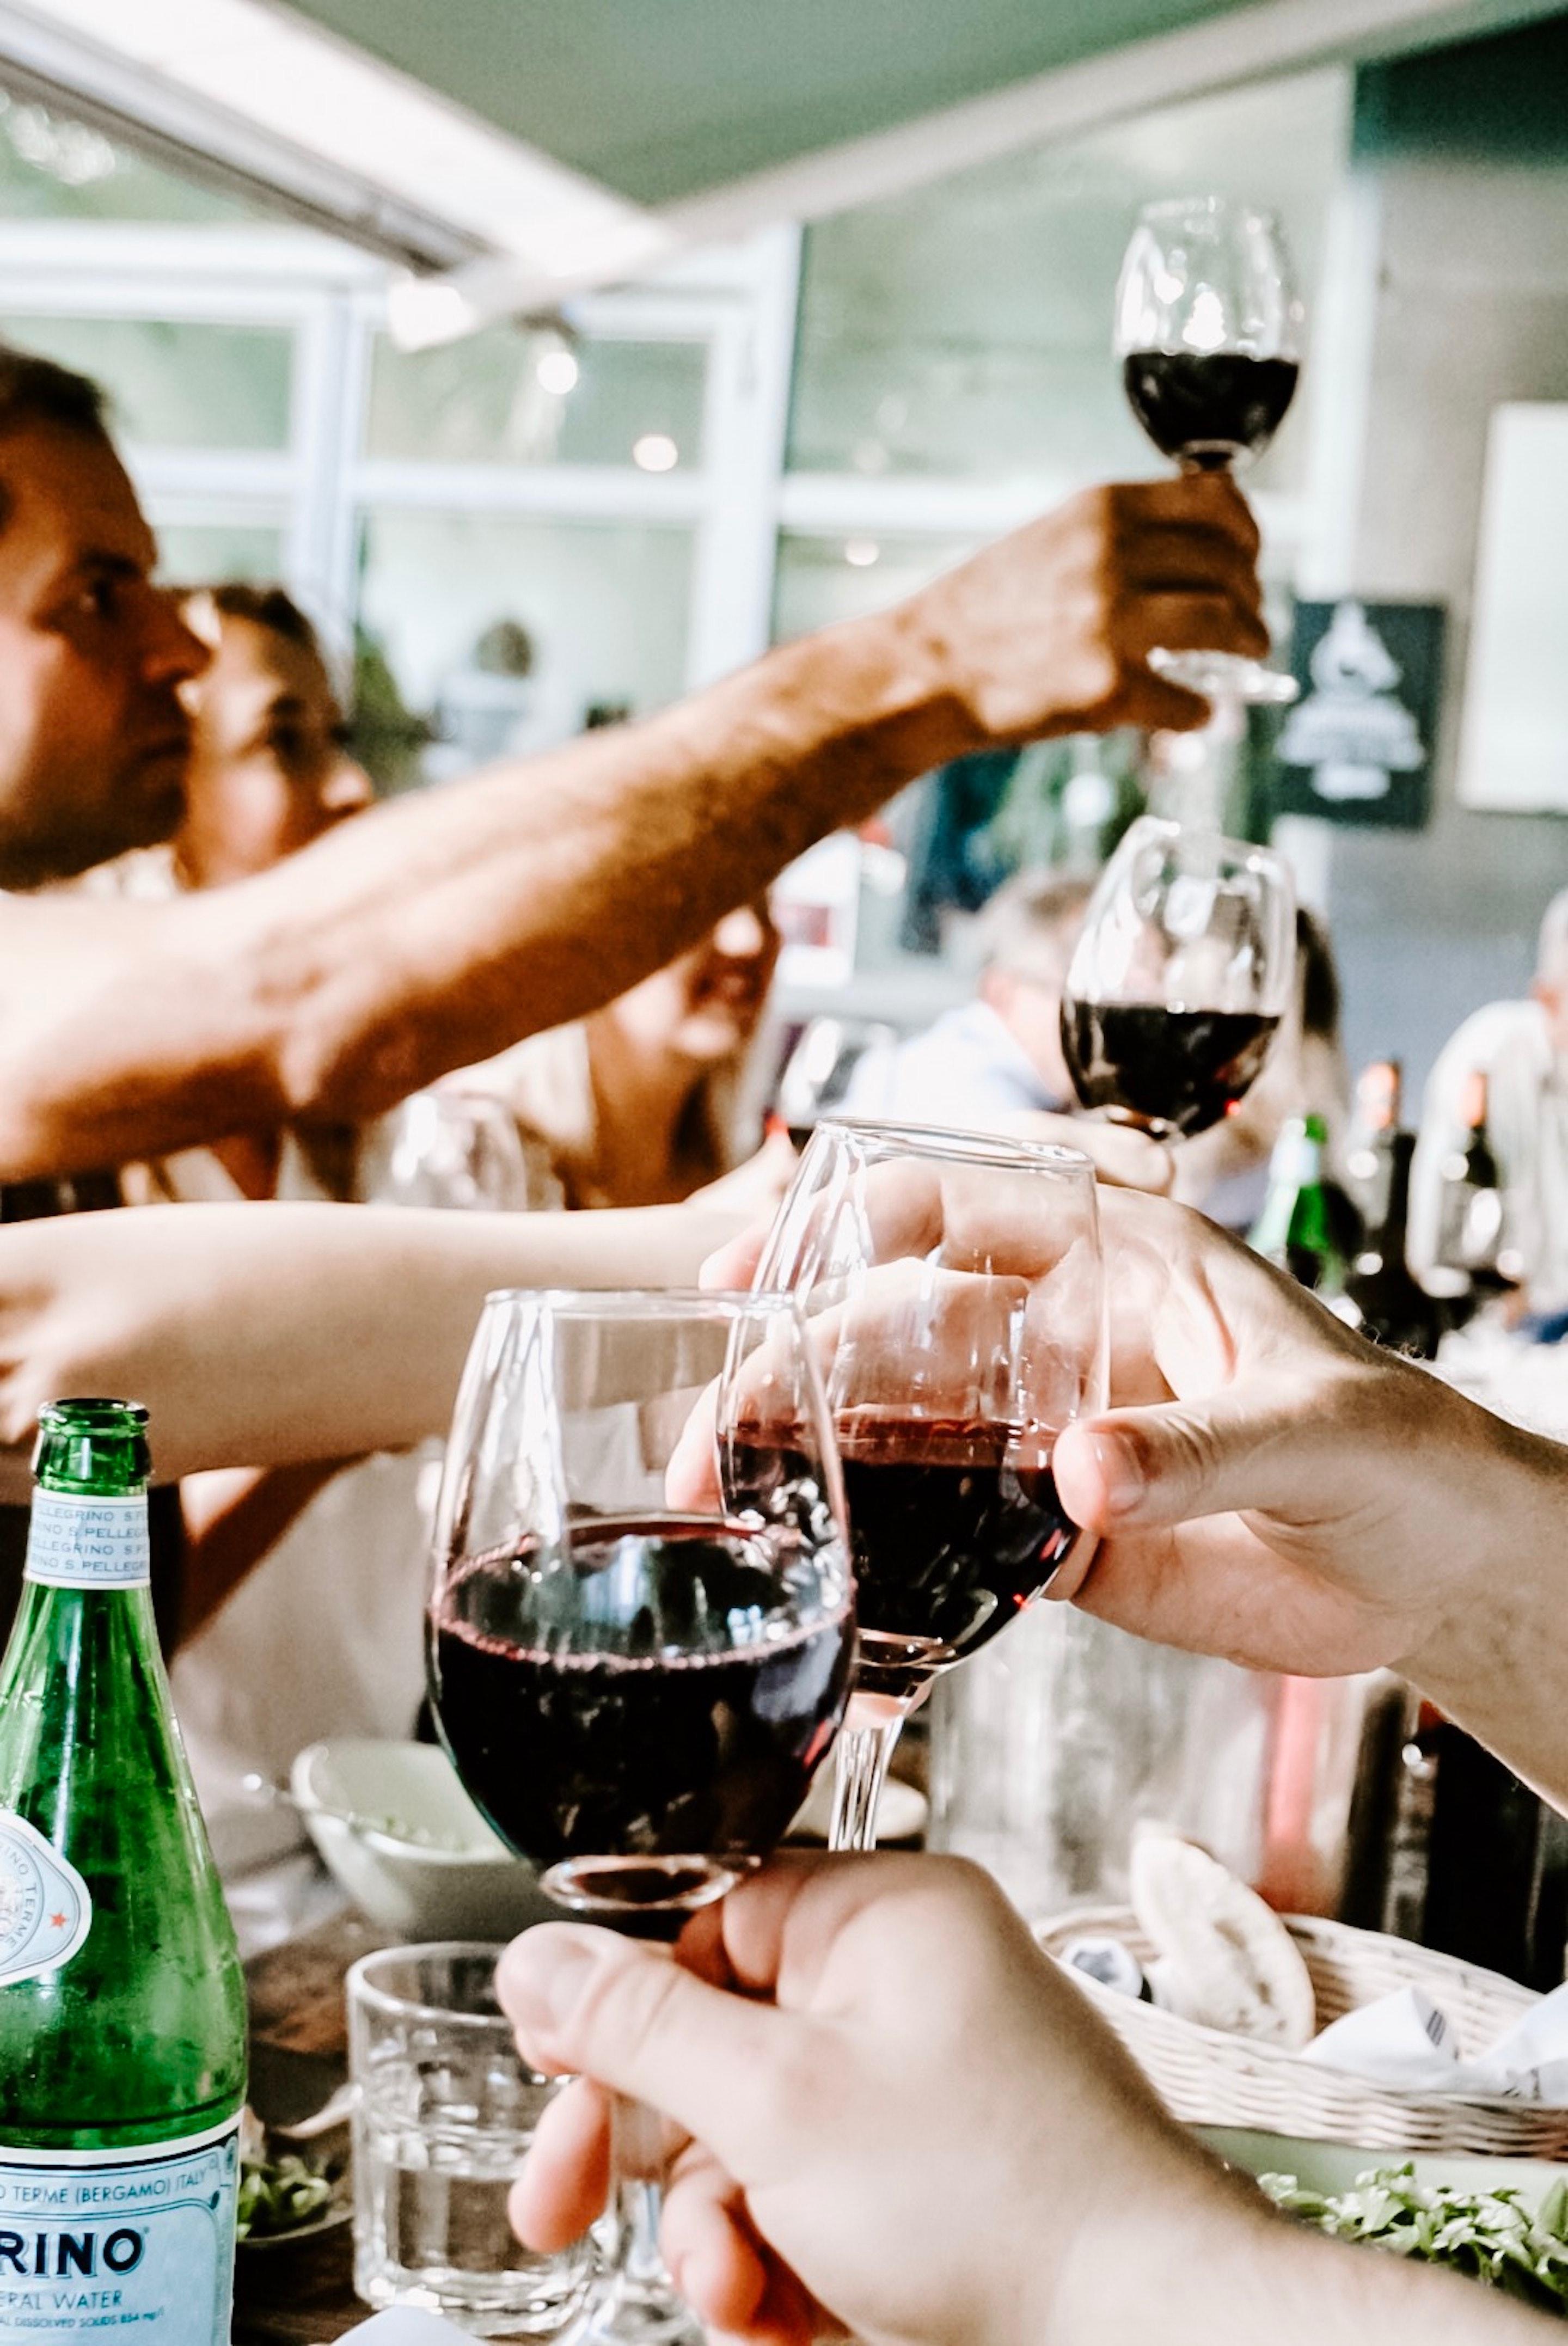 reunión comida en una mesa brindando con vino